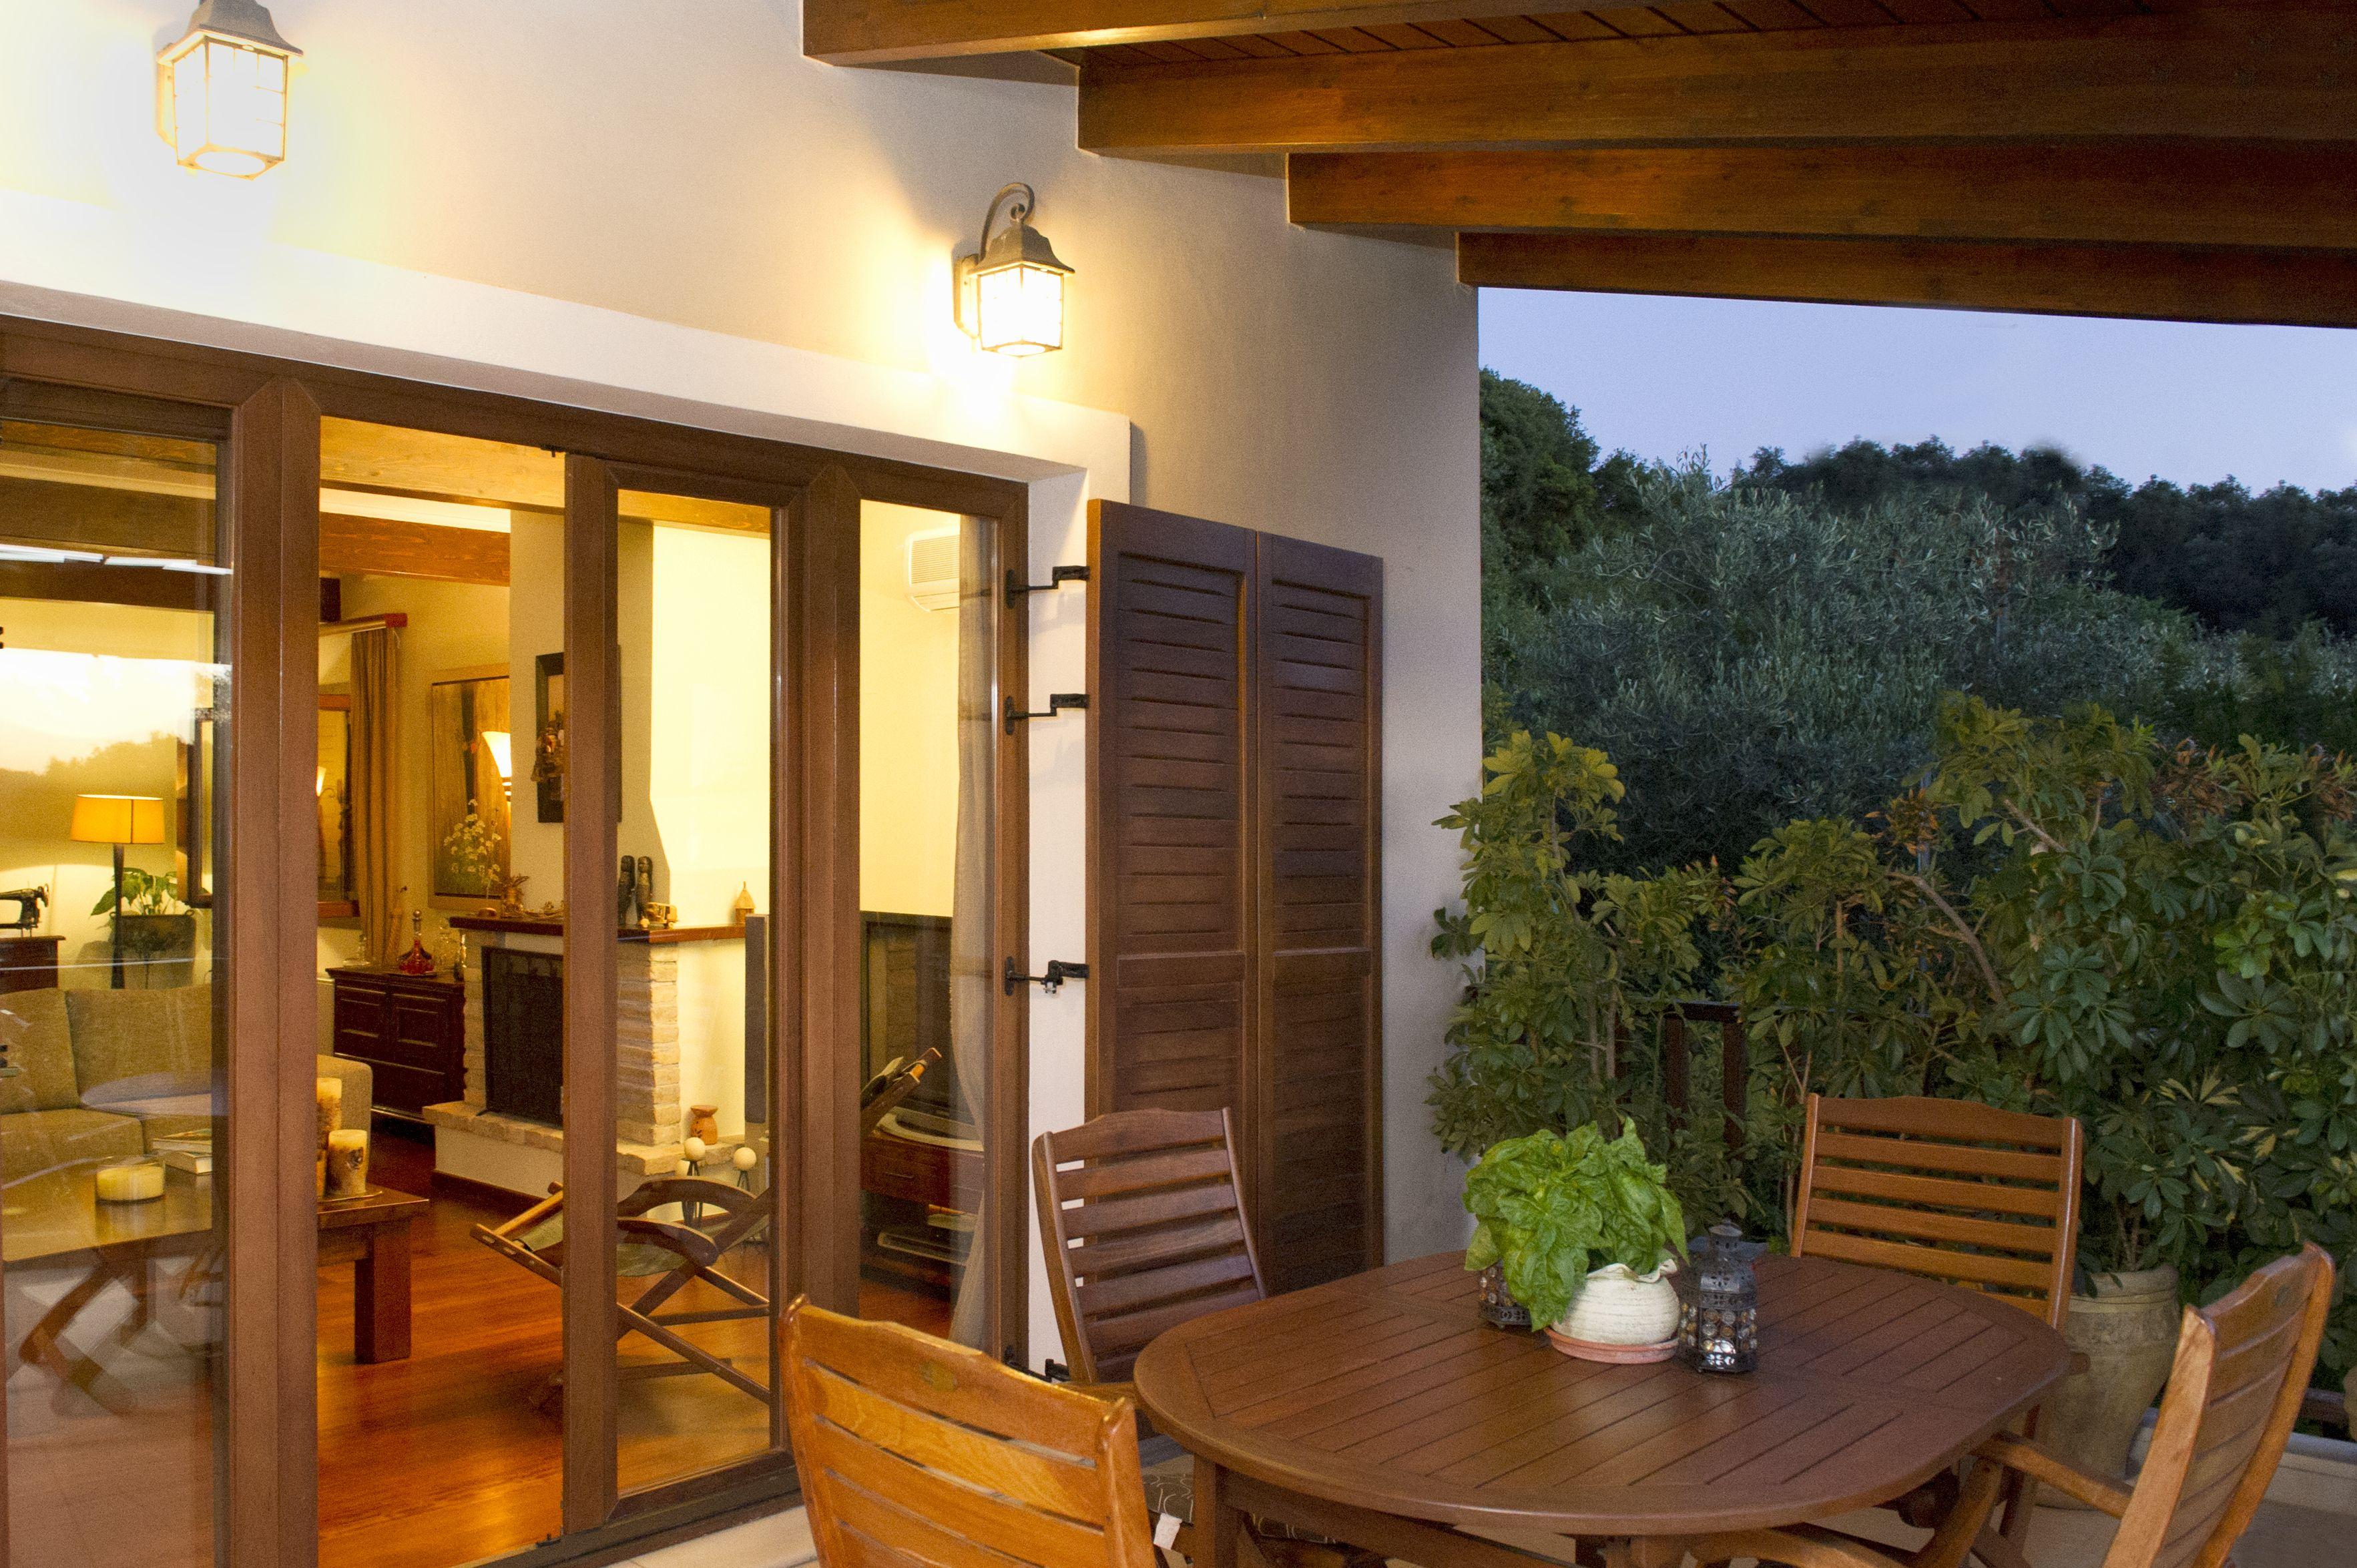 Korfu Villa Villa Sezenity, Pikoulatika, Korfu, Griechenland, KorfuCorfu.de